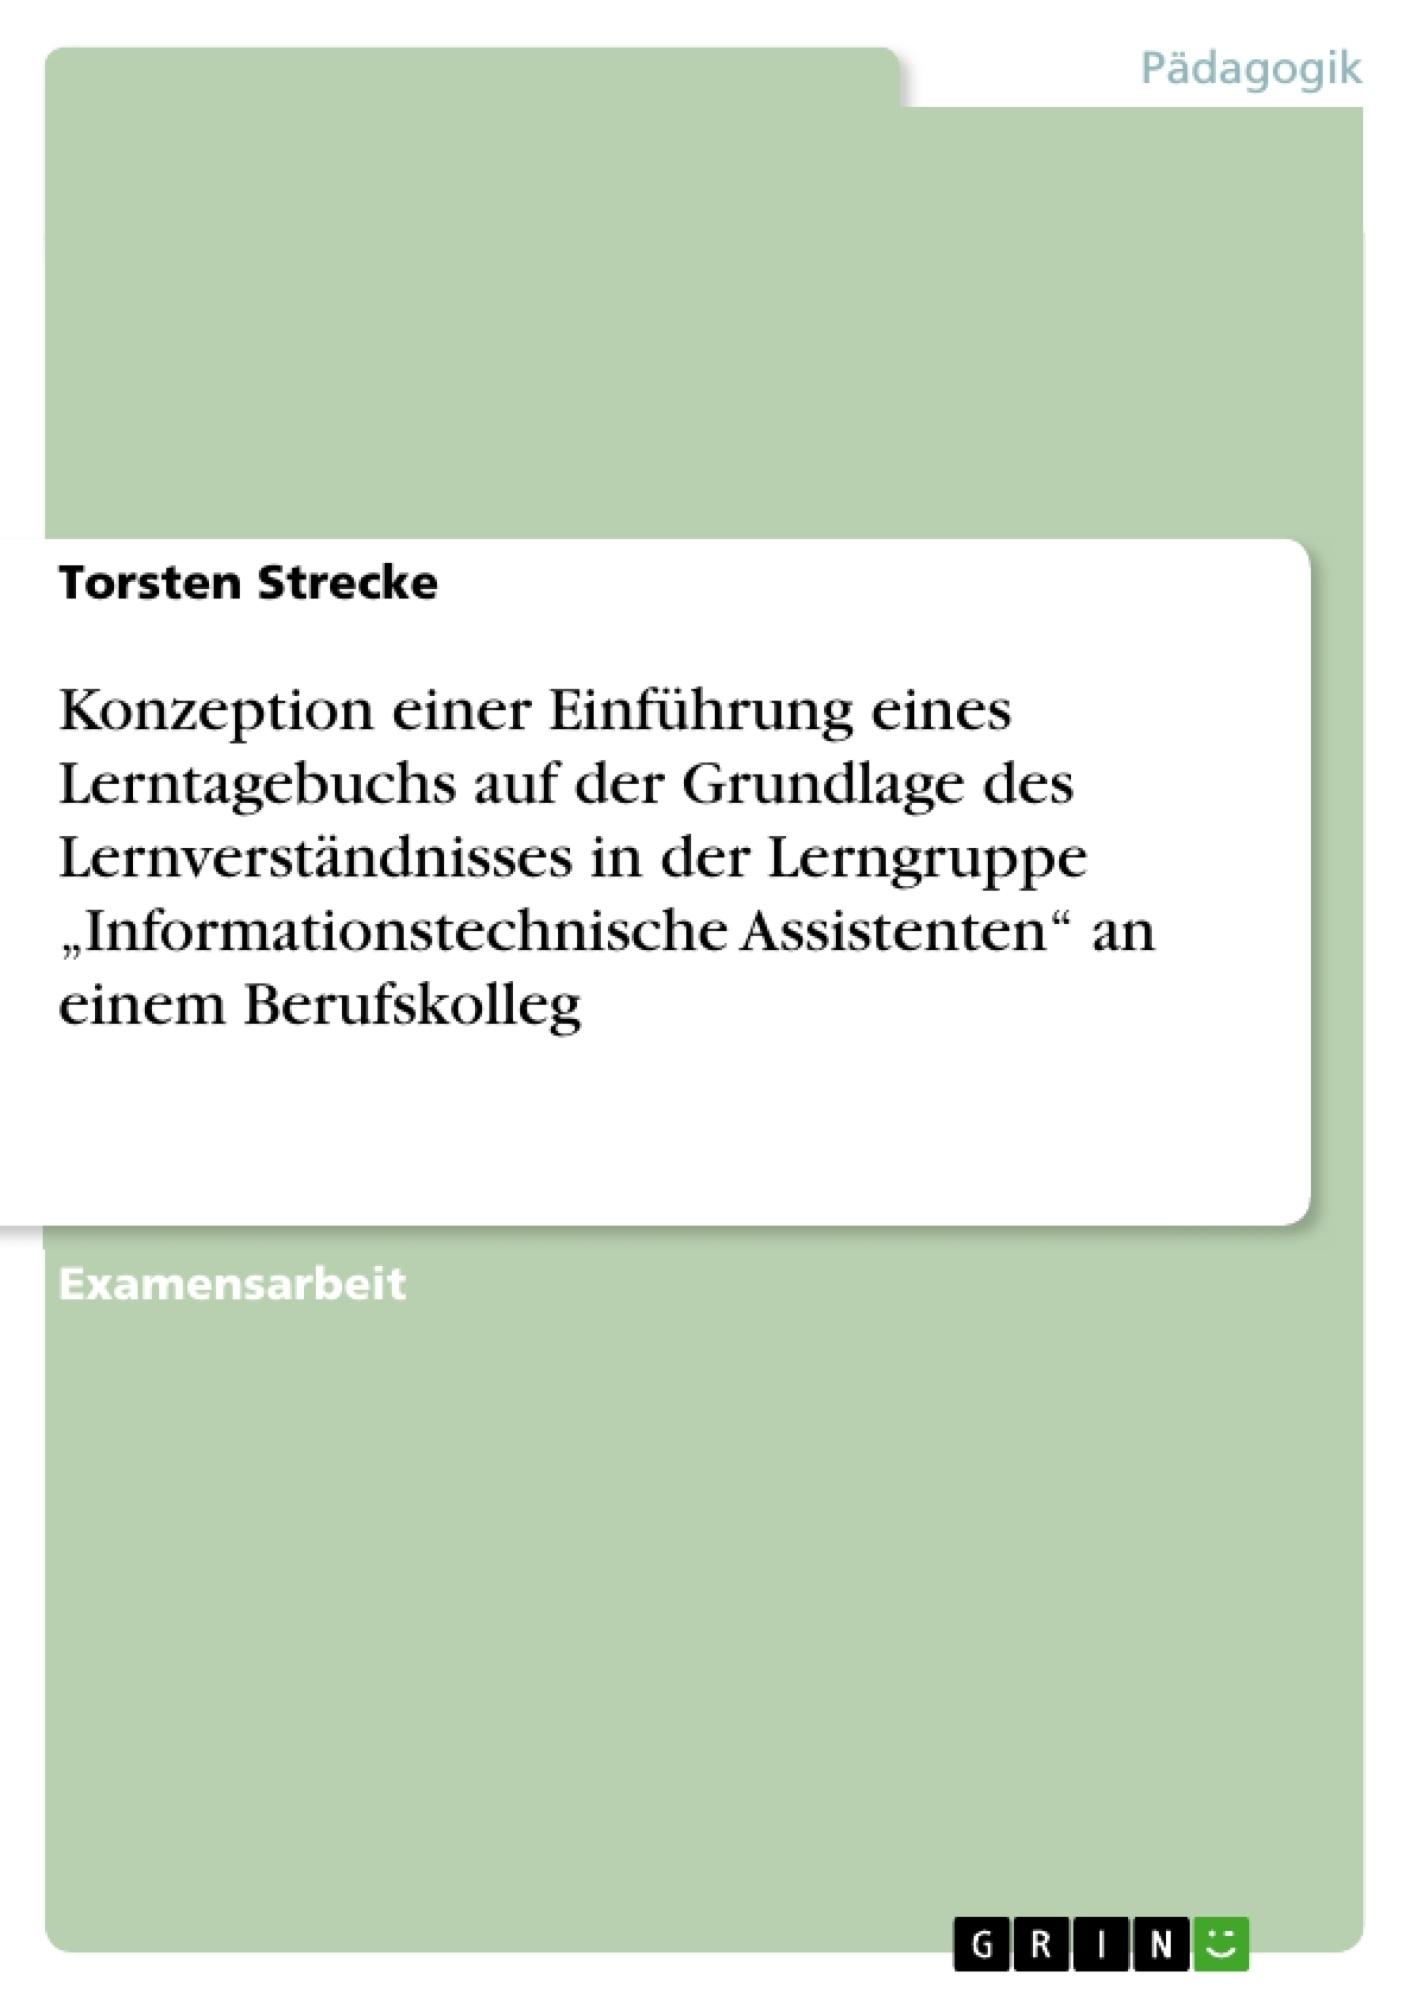 """Titel: Konzeption einer Einführung eines Lerntagebuchs  auf der Grundlage des Lernverständnisses in der Lerngruppe """"Informationstechnische Assistenten"""" an einem Berufskolleg"""